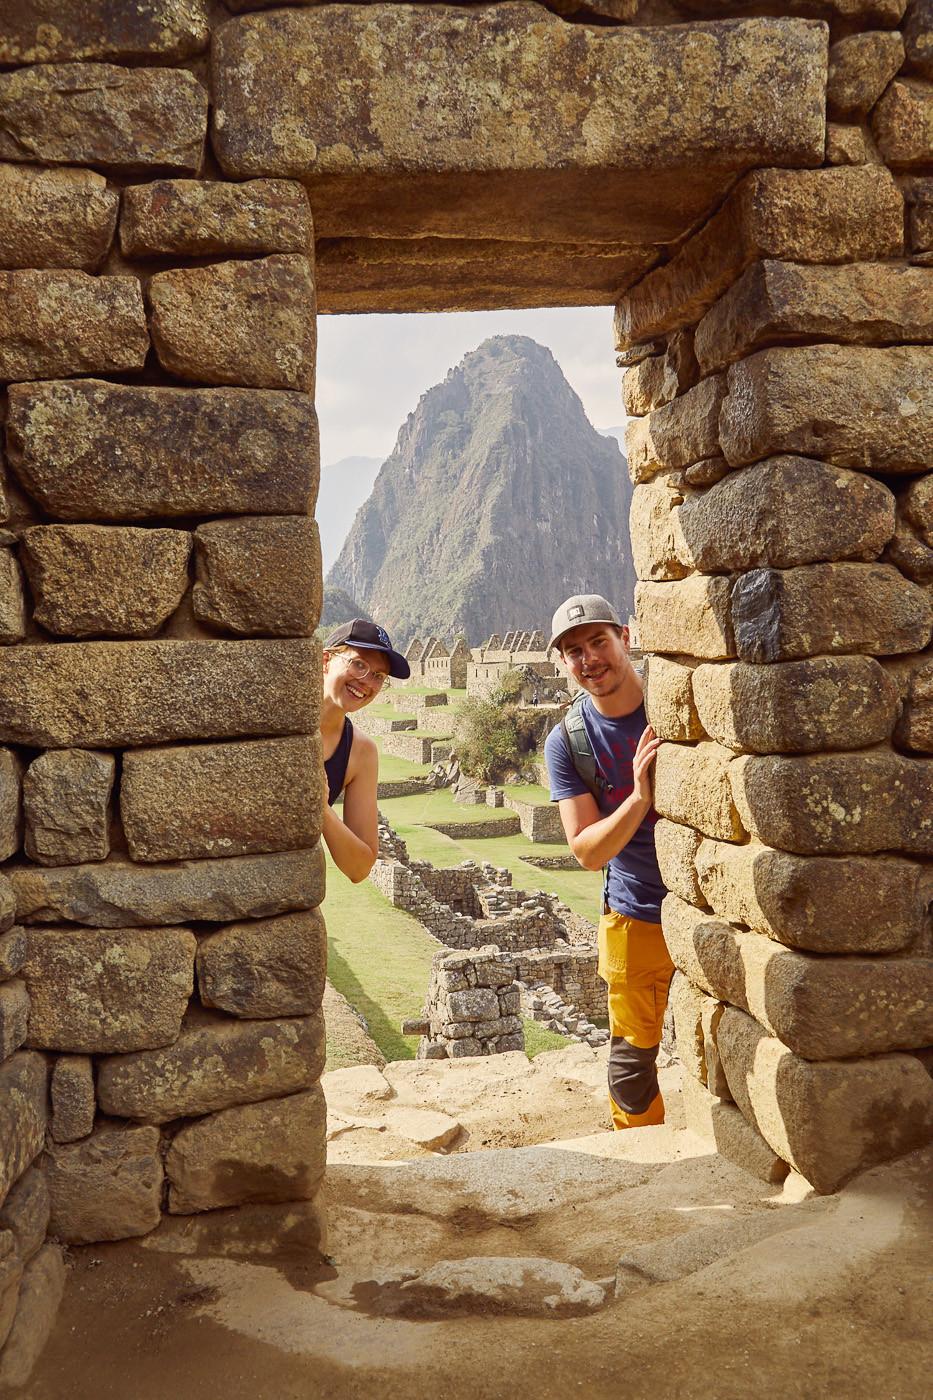 Pickaboo, unser Guide wollte dieses Foto von uns machen, wo wir beide durch die Pforte in Machu Picchu gucken